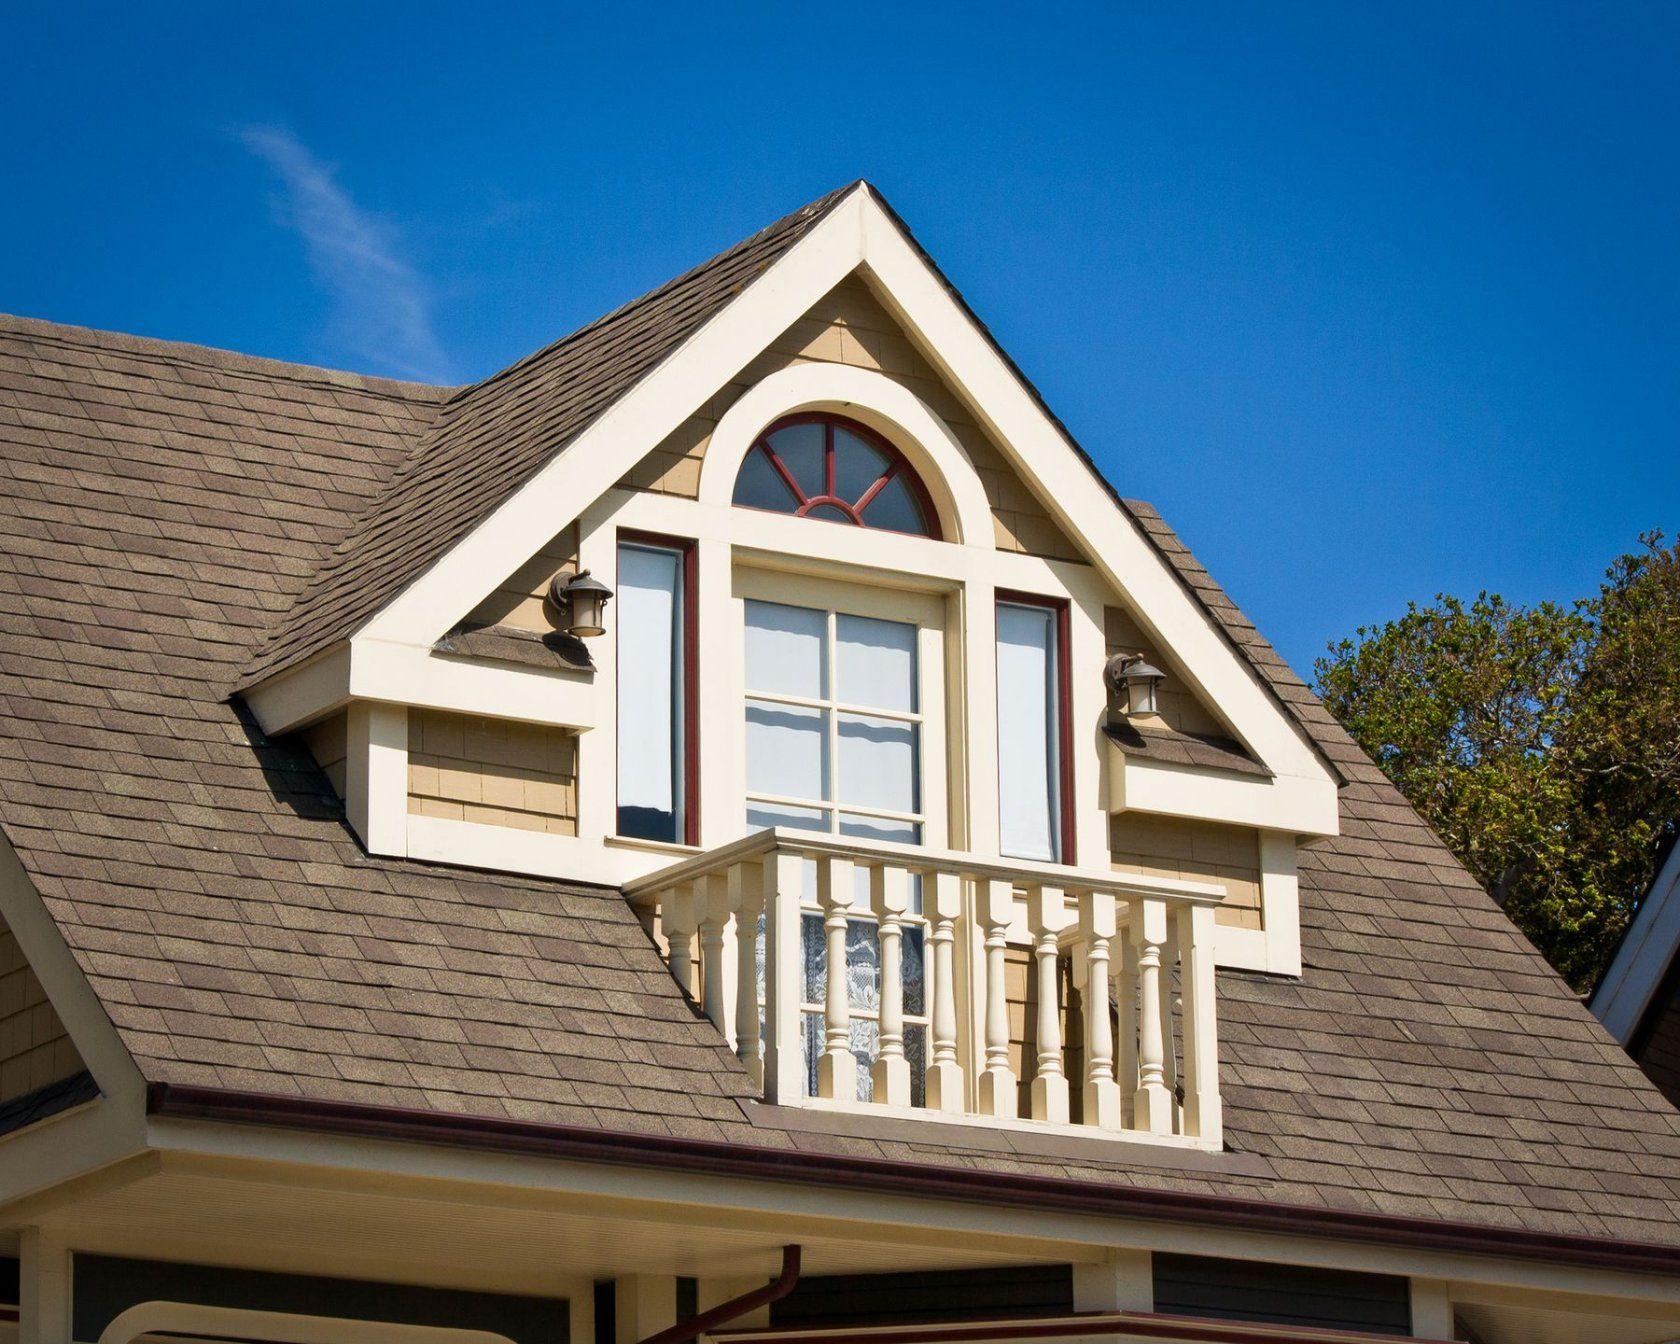 крепкого, окна на крыше мансарды фото дом